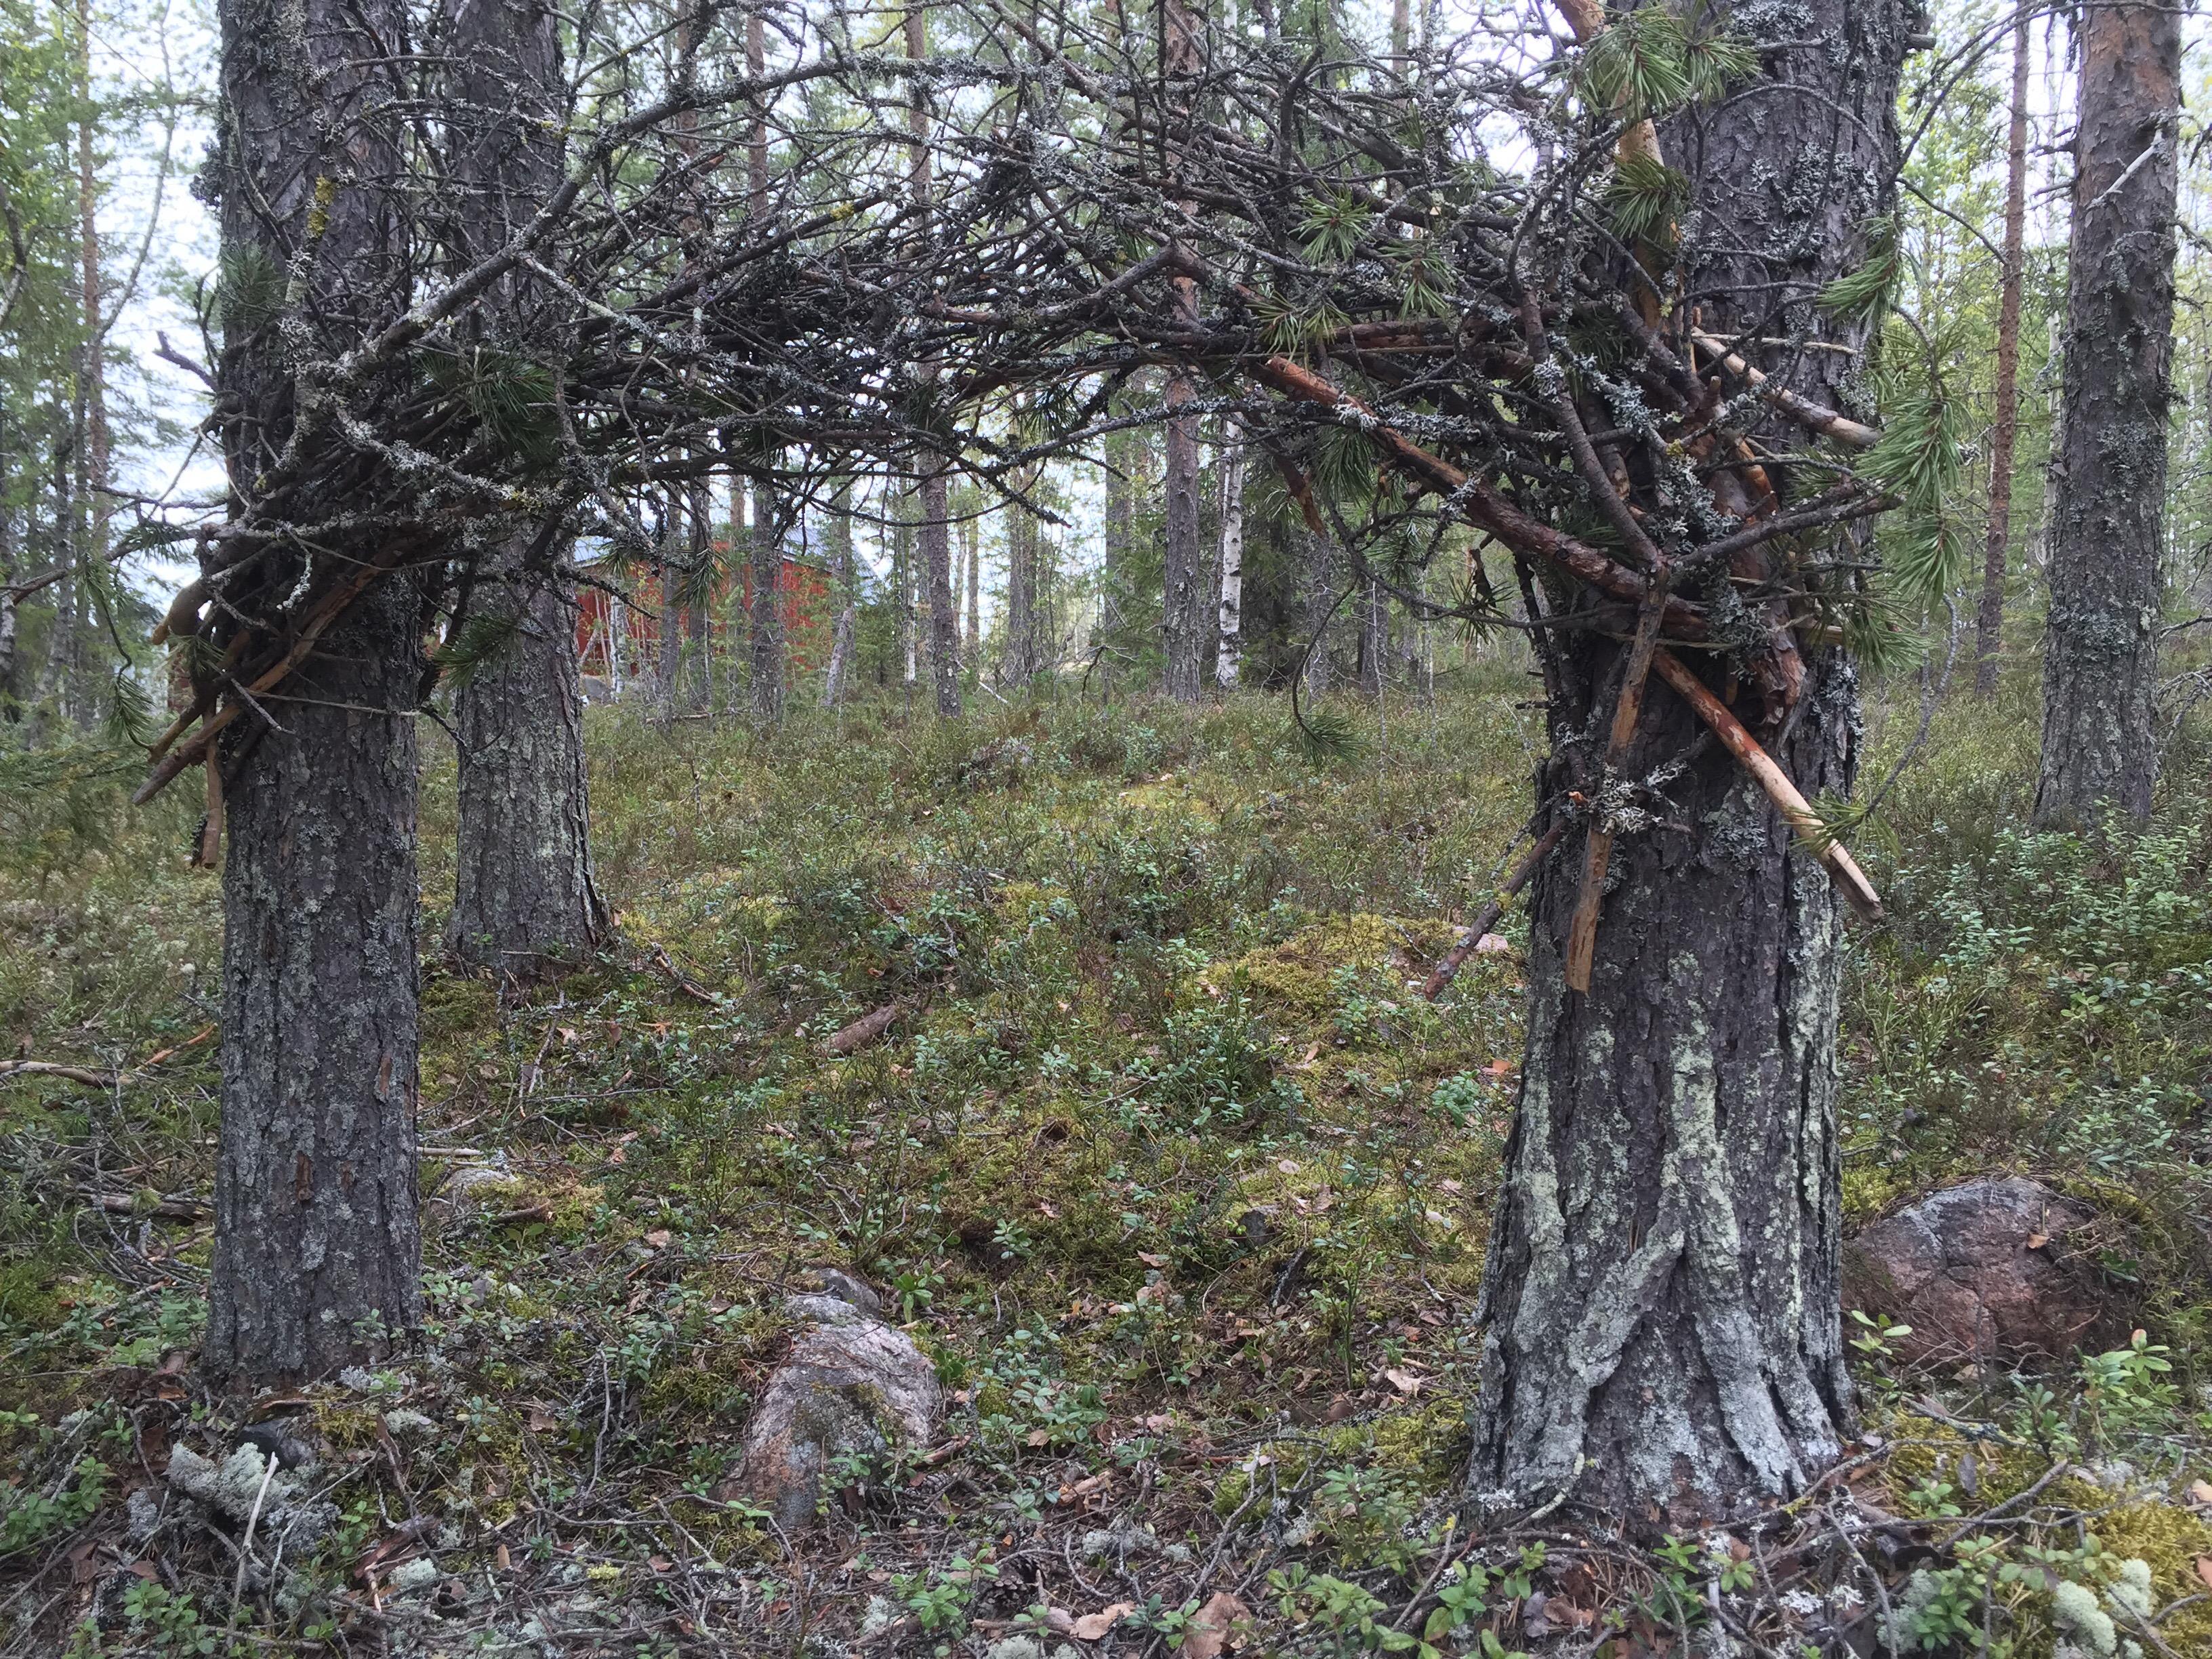 portal skogen mulle knopp knytte